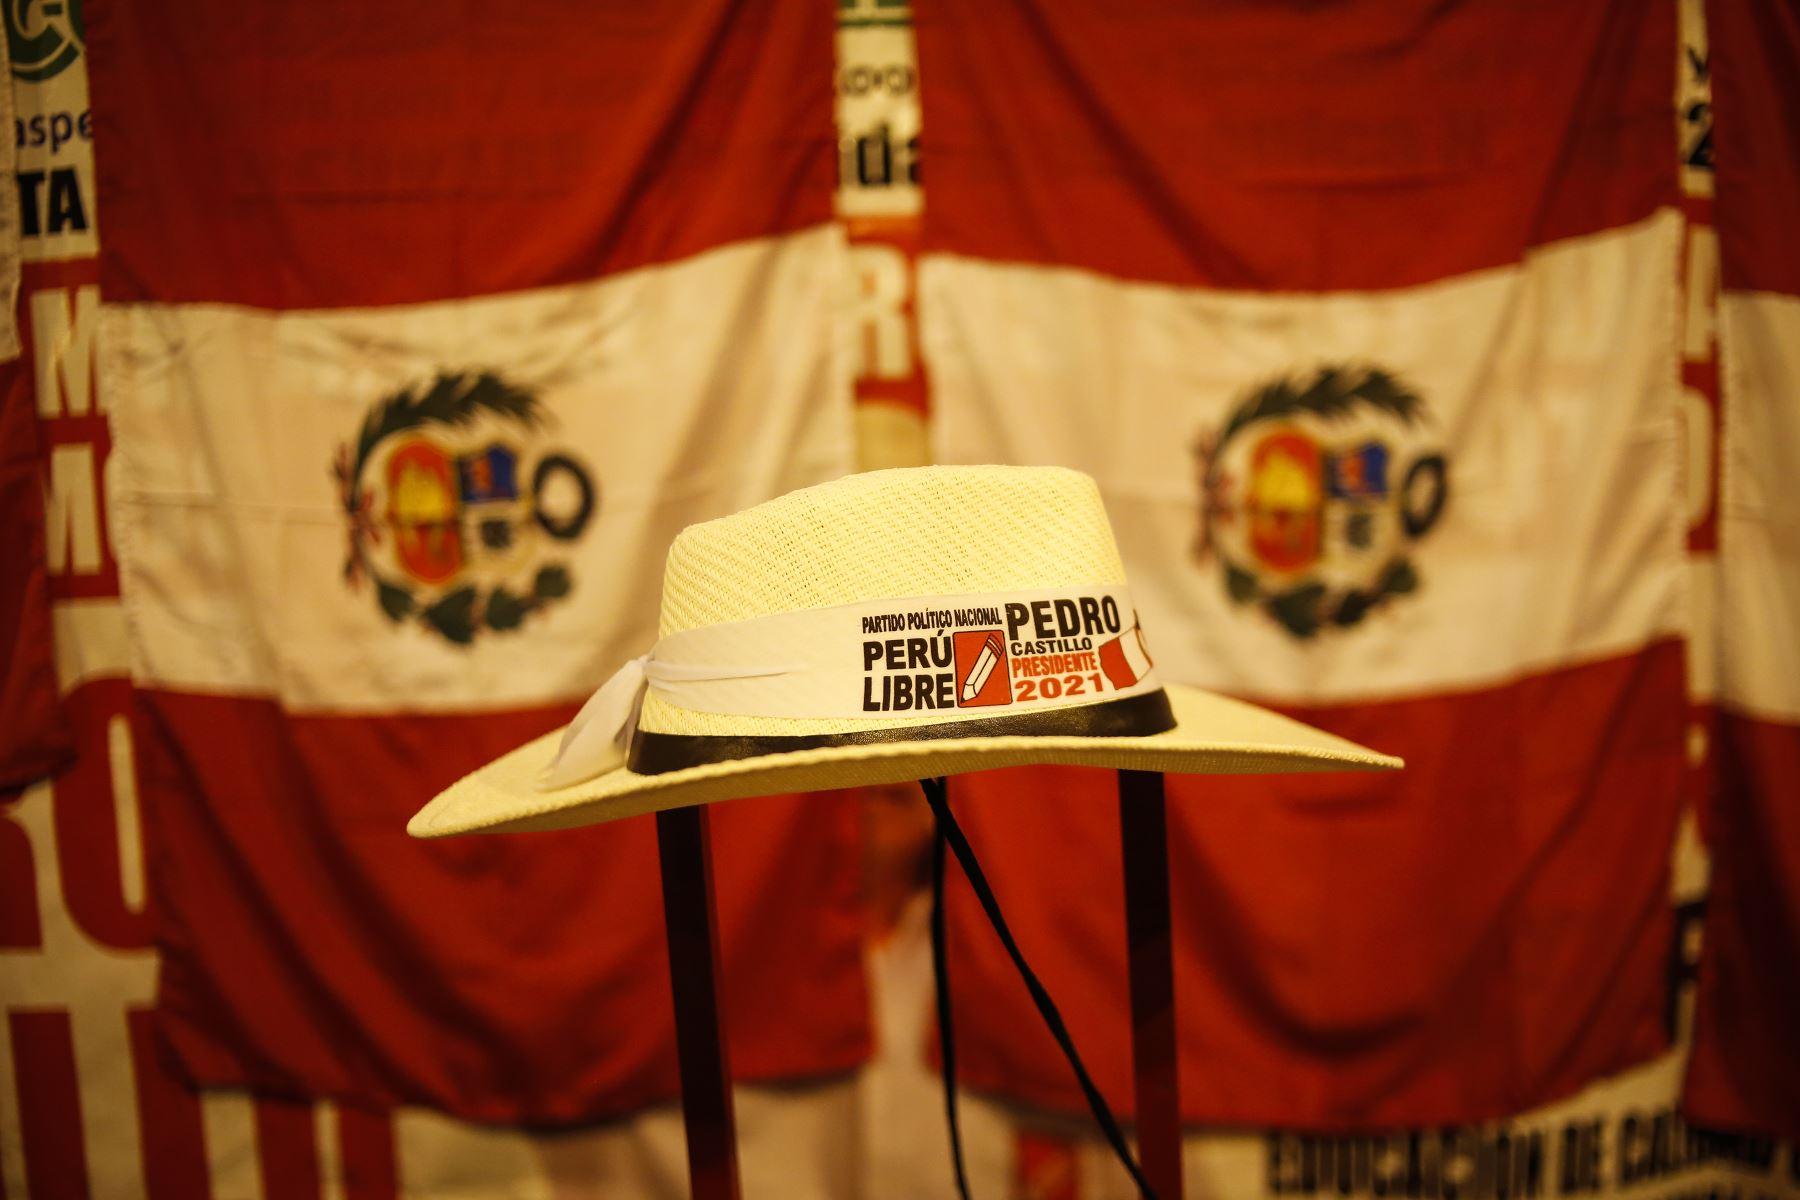 El electo presidente de la República, Pedro Castillo Terrones, hizo un llamado a la unidad de los ciudadanos y anunció un gobierno justo, soberano y digno para todos los peruanos. Foto: ANDINA/Renato Pajuelo